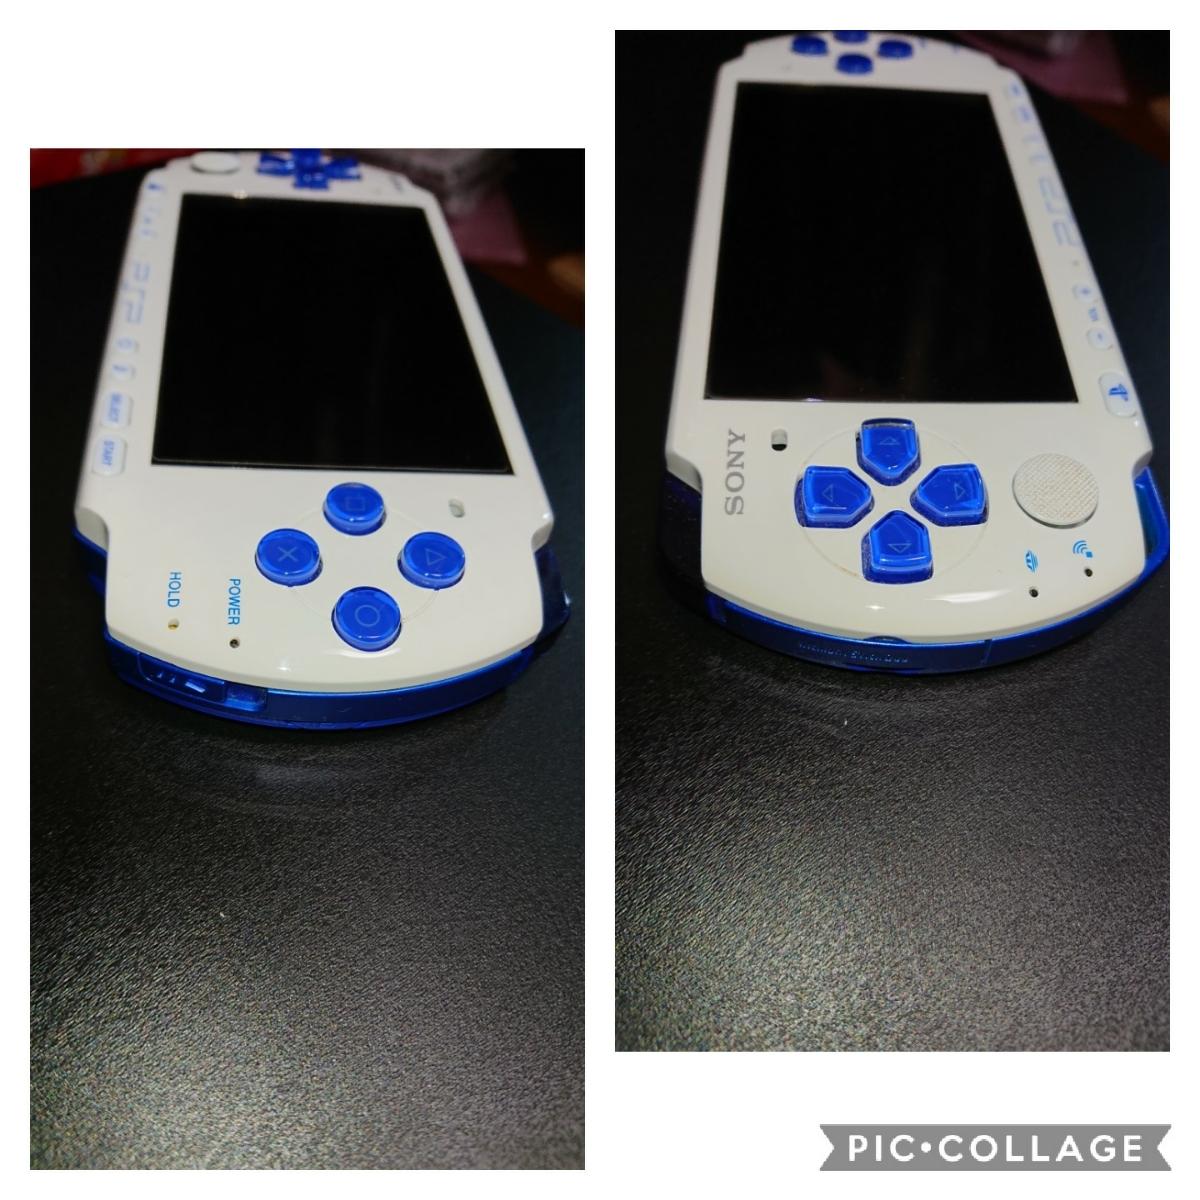 1円~PSP-3000 ホワイトブルー プレイステーションポータブル本体一式と、メモリースティック、ポーチ、オマケソフト付き。_画像4